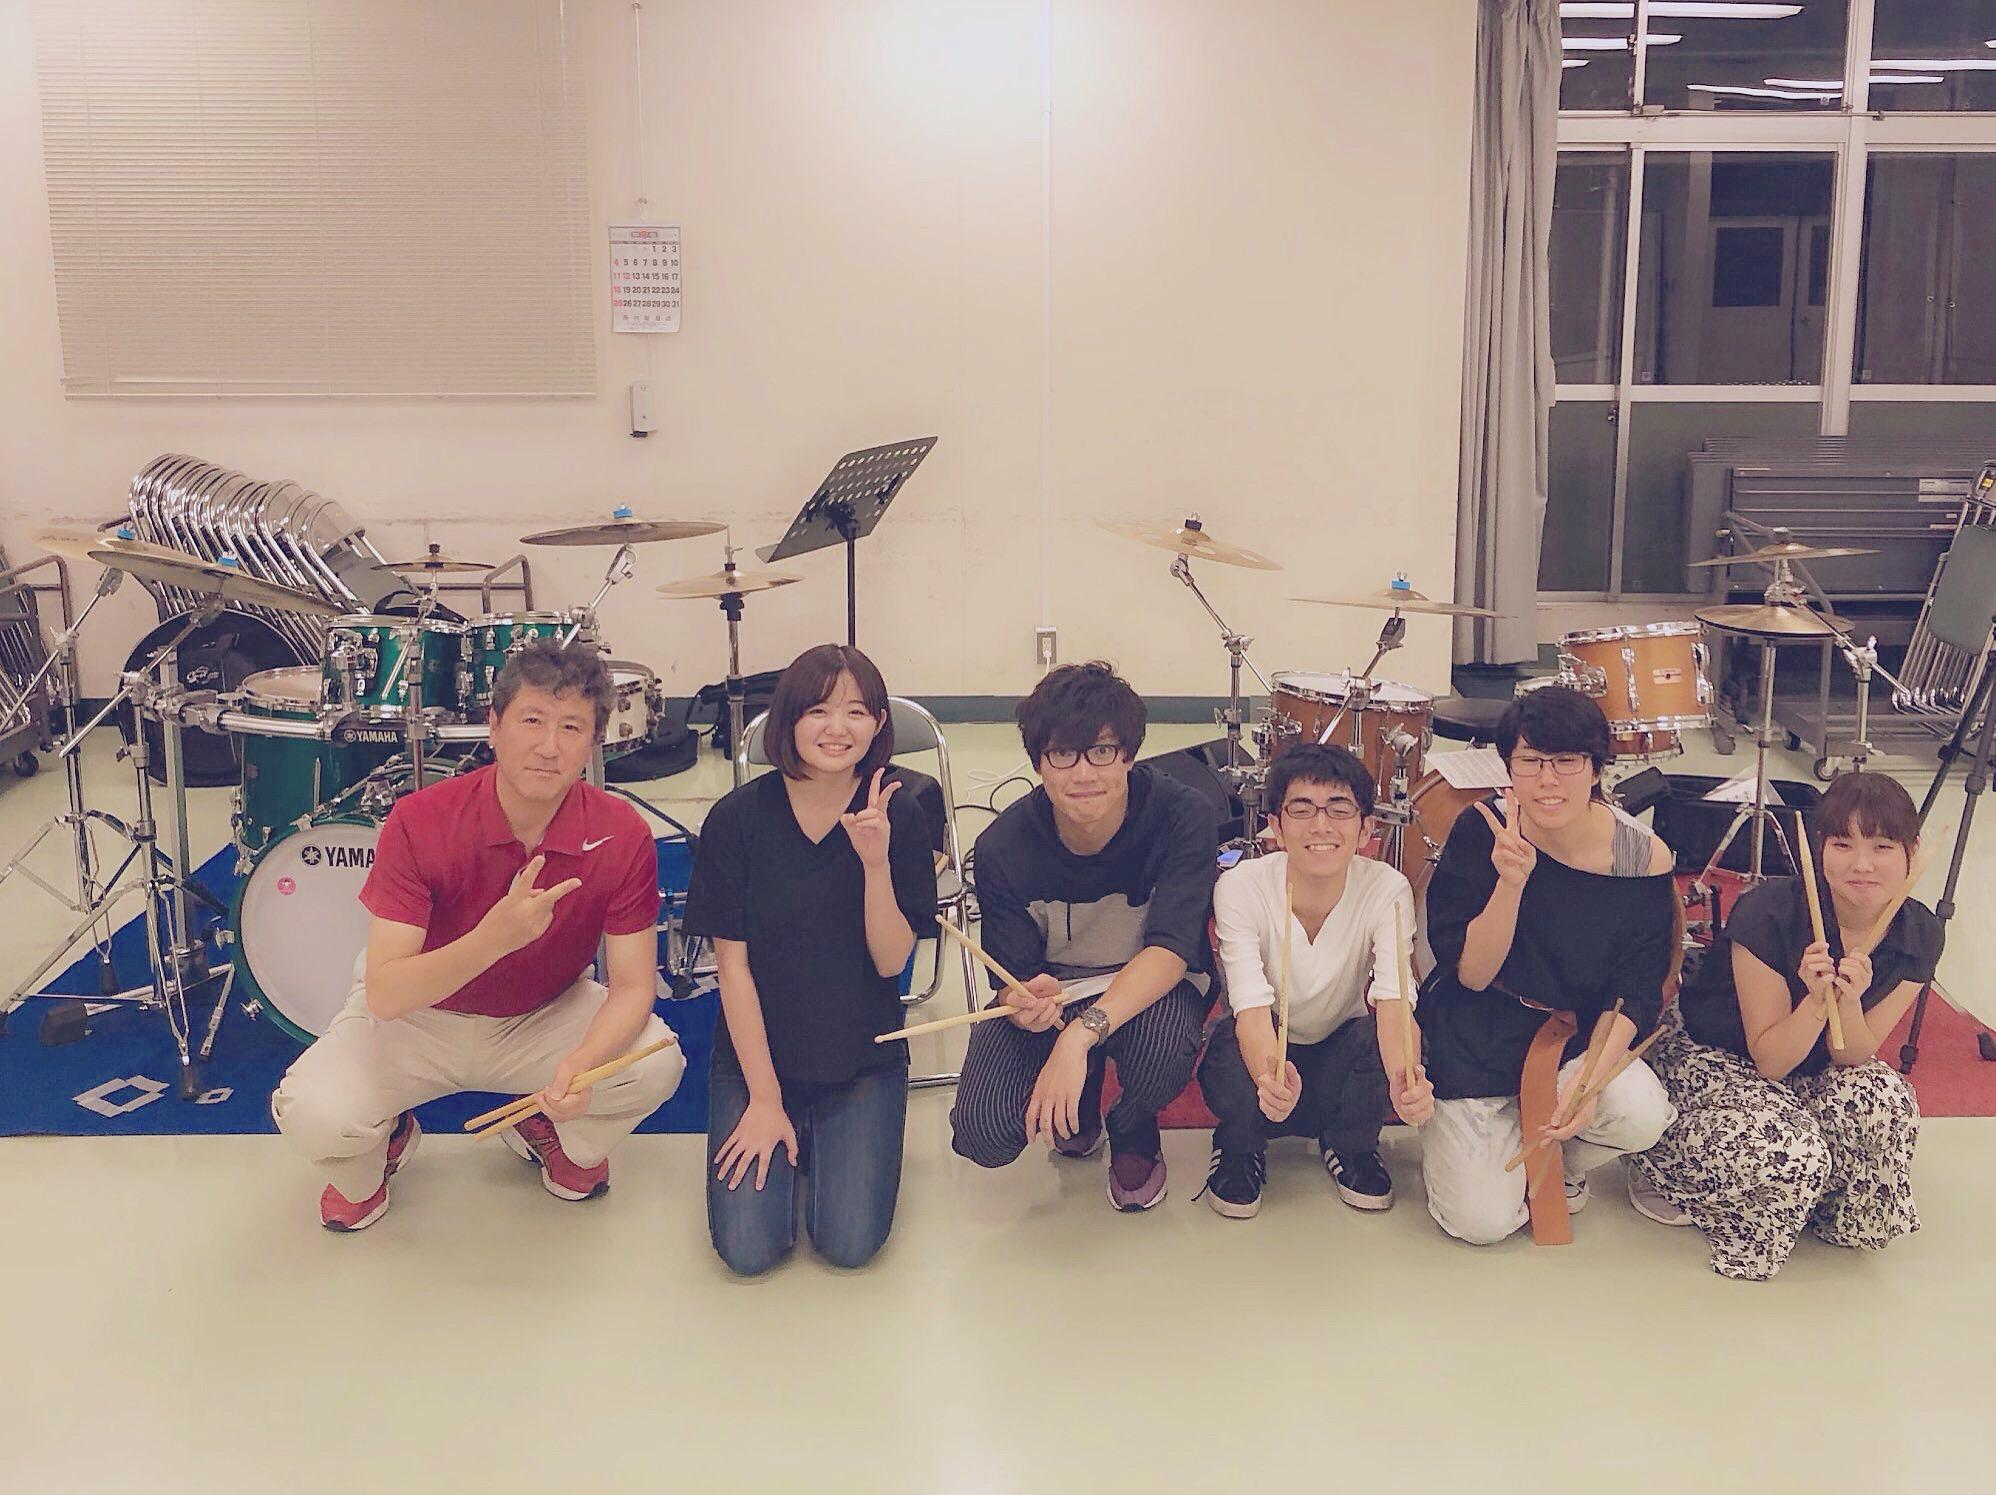 【レッスンリポート】みんなでドラムを叩こう!8/31ドラマーコース